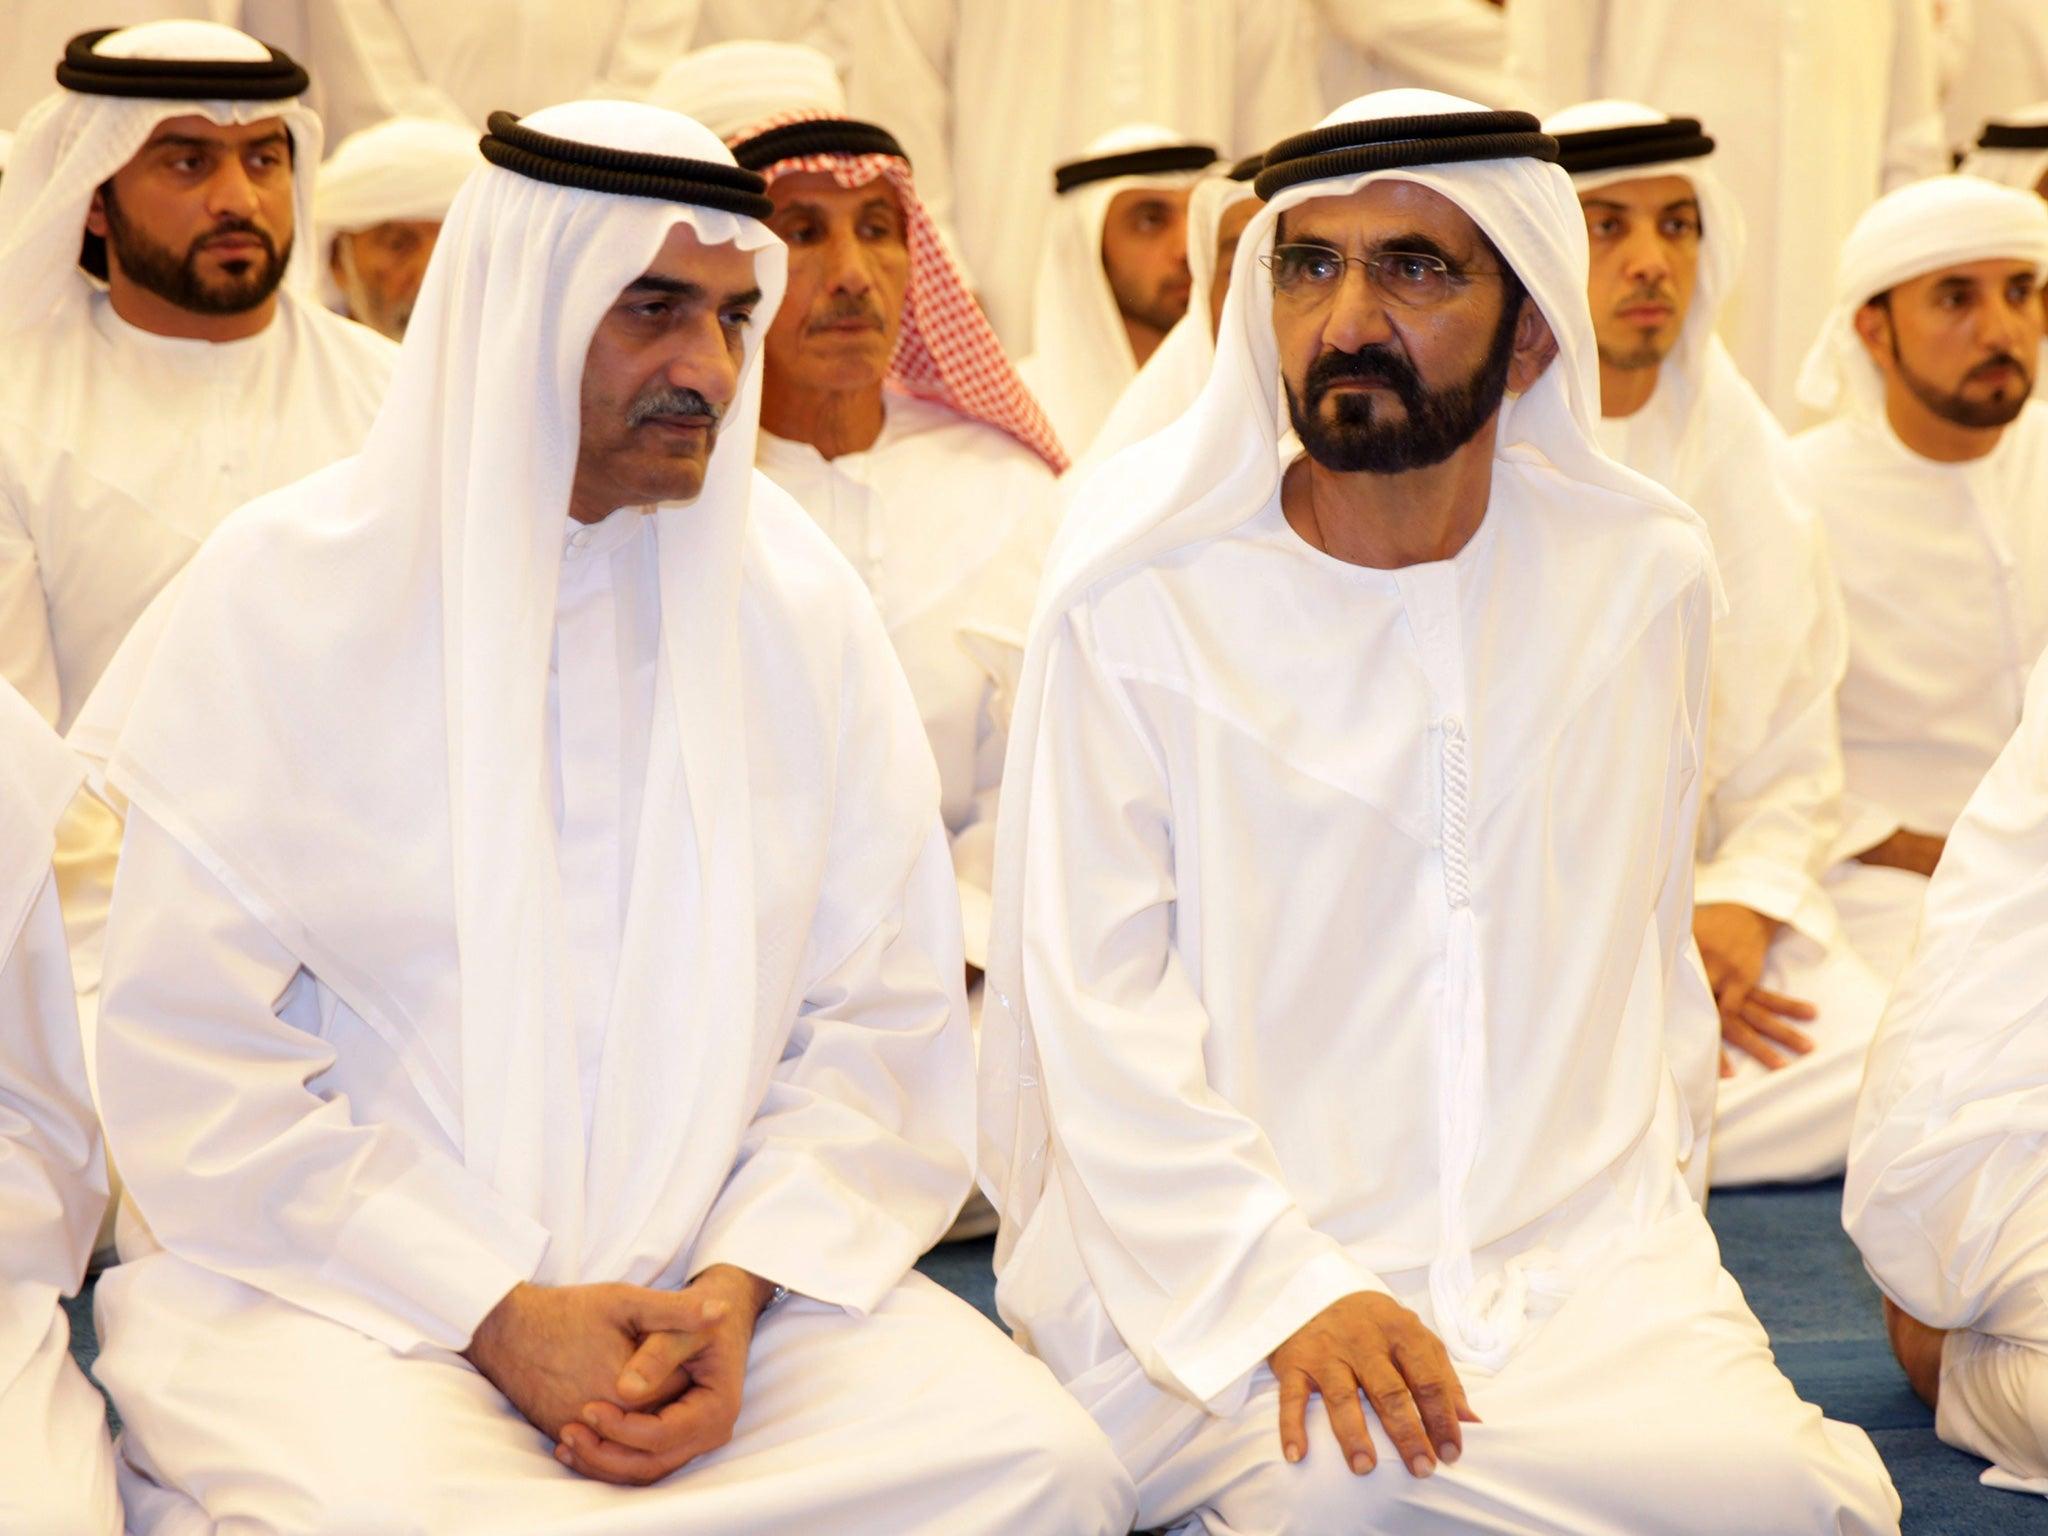 Majid bin mohammed bin rashid al maktoum wife sexual dysfunction